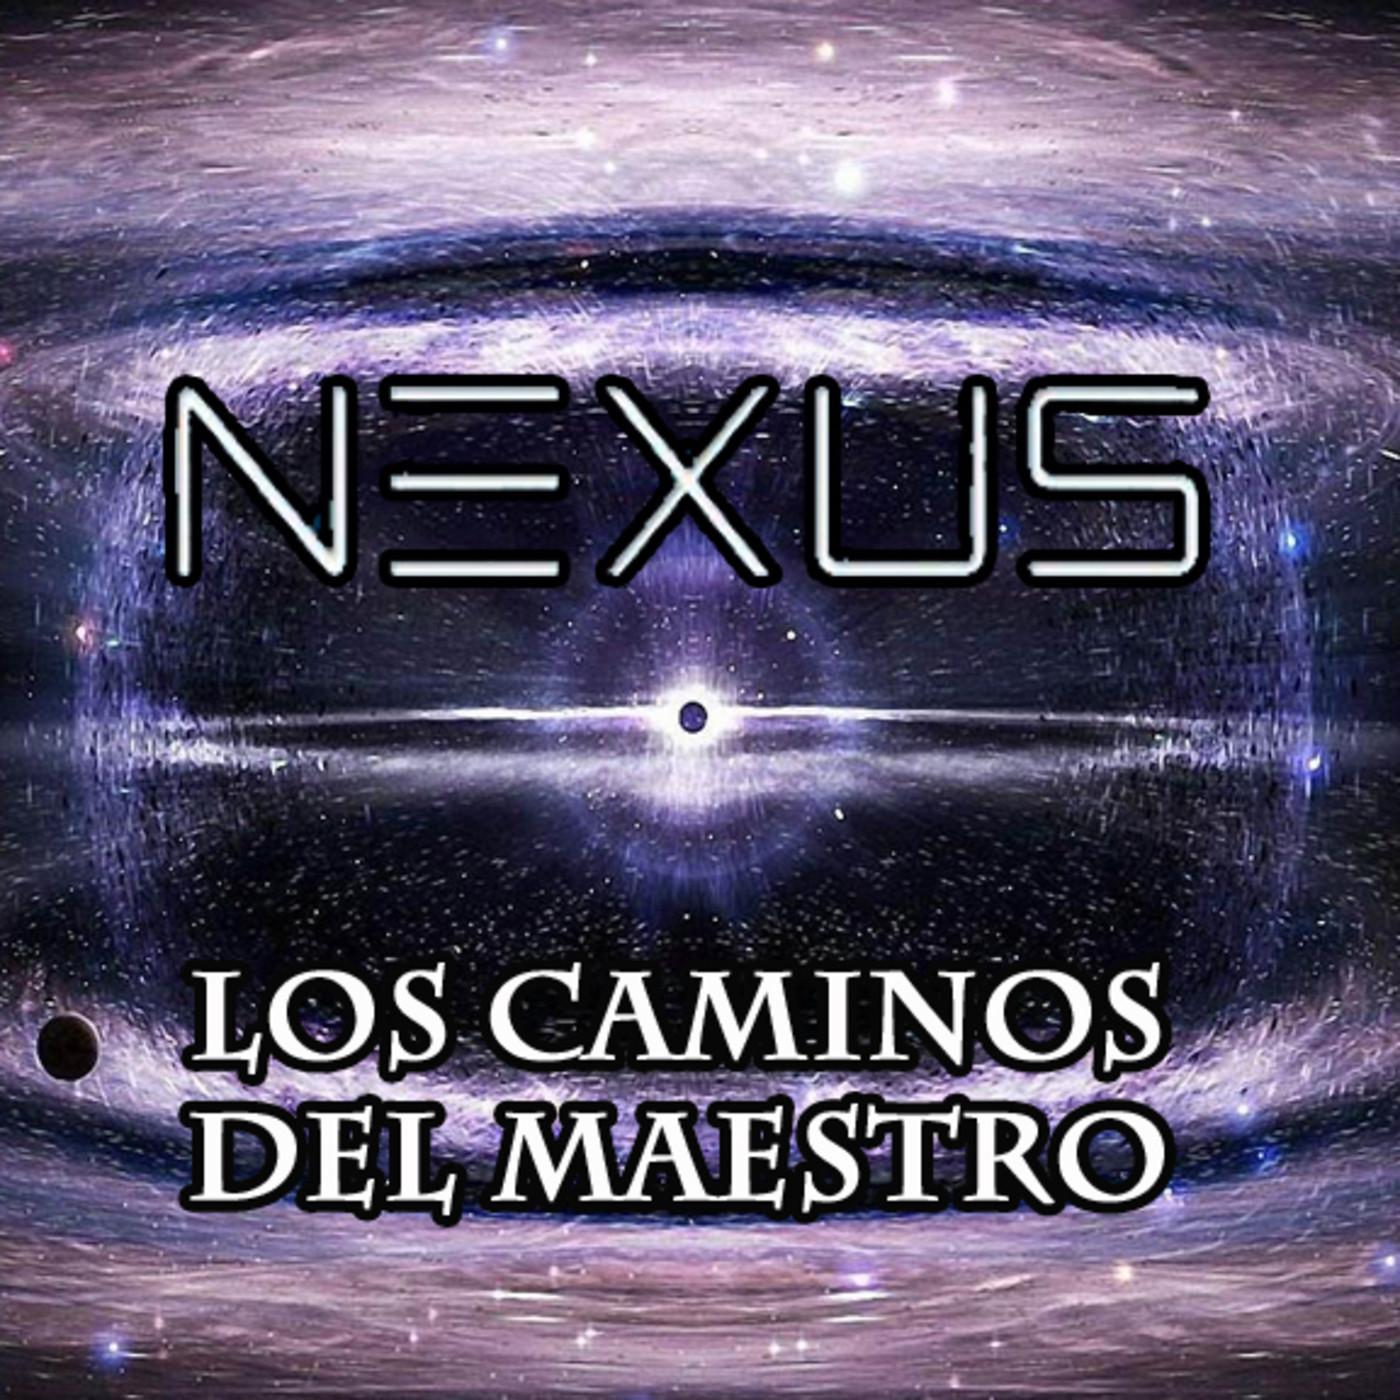 Nexus: Los Caminos del Maestro